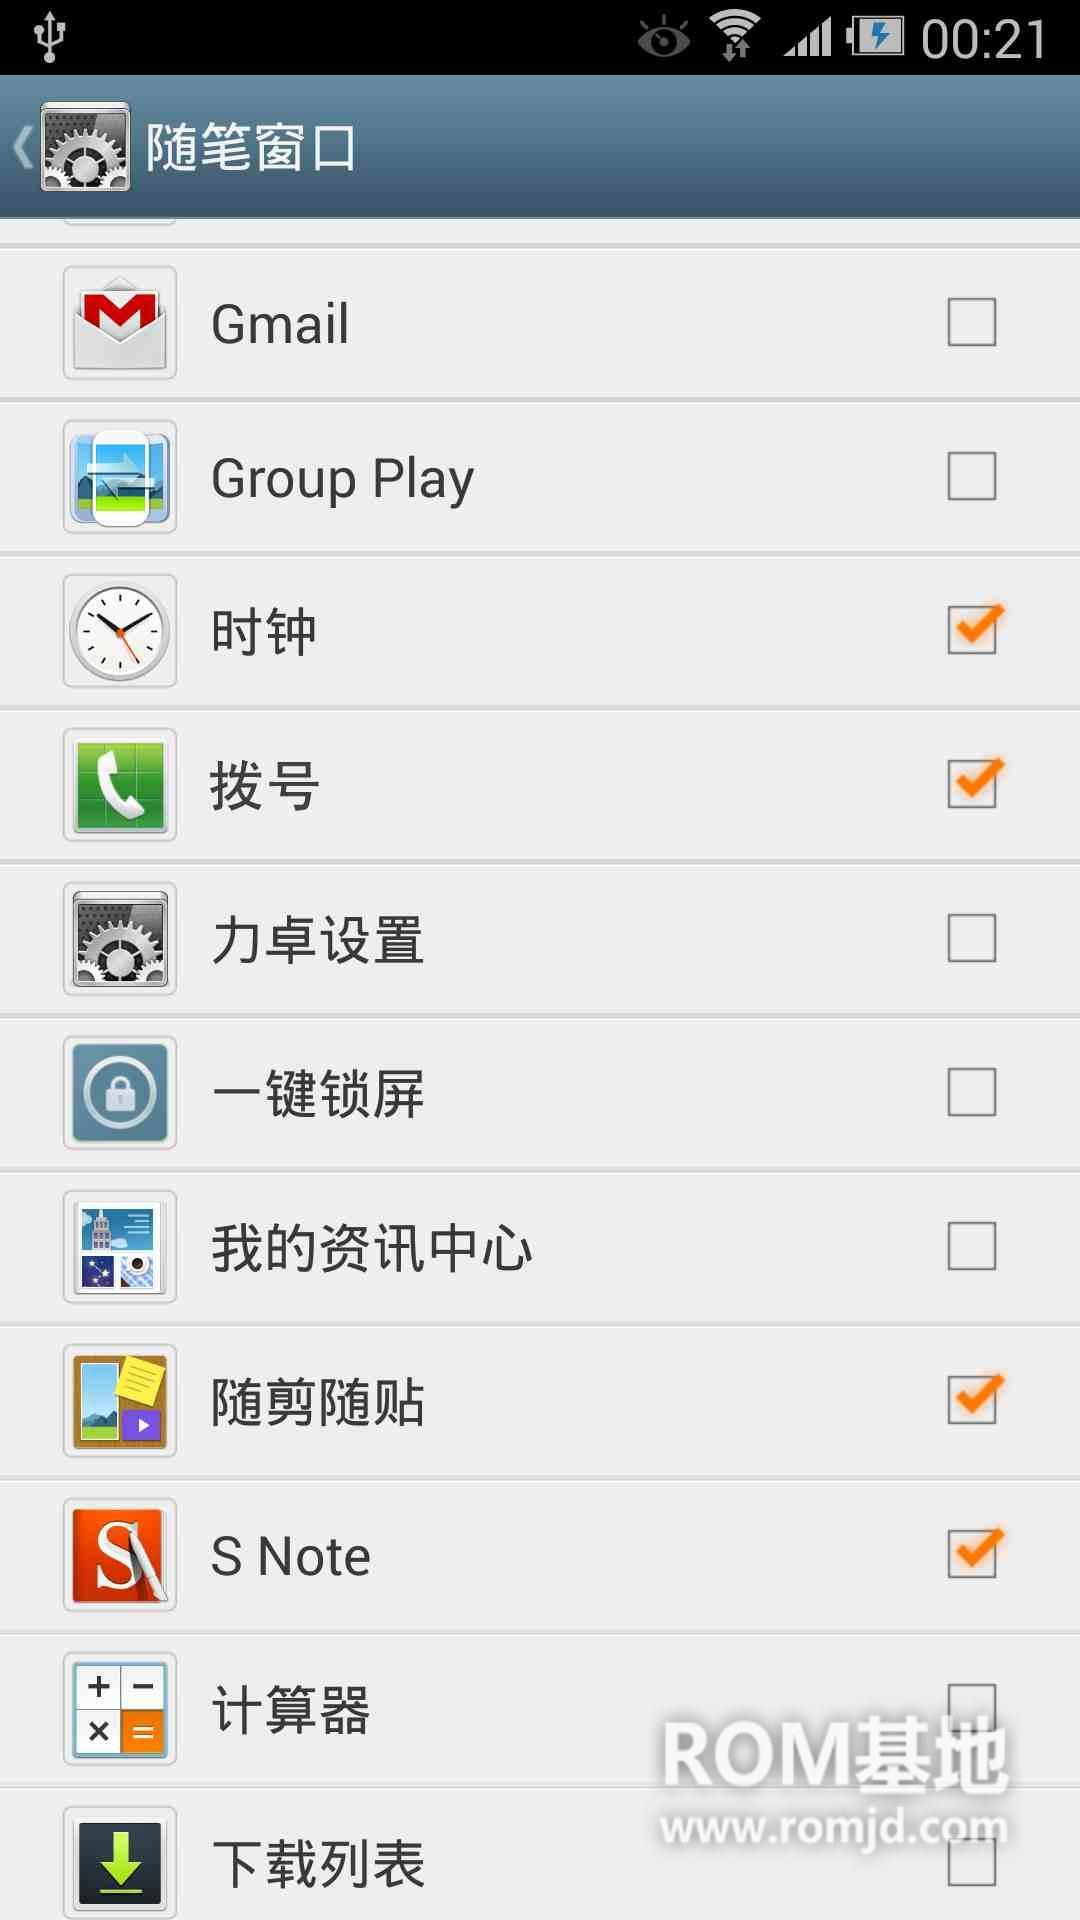 【绿化纯净】三星 Note 3 N9002力卓ROM 主题支持 自动录音 24键开关 纯净版刷机包